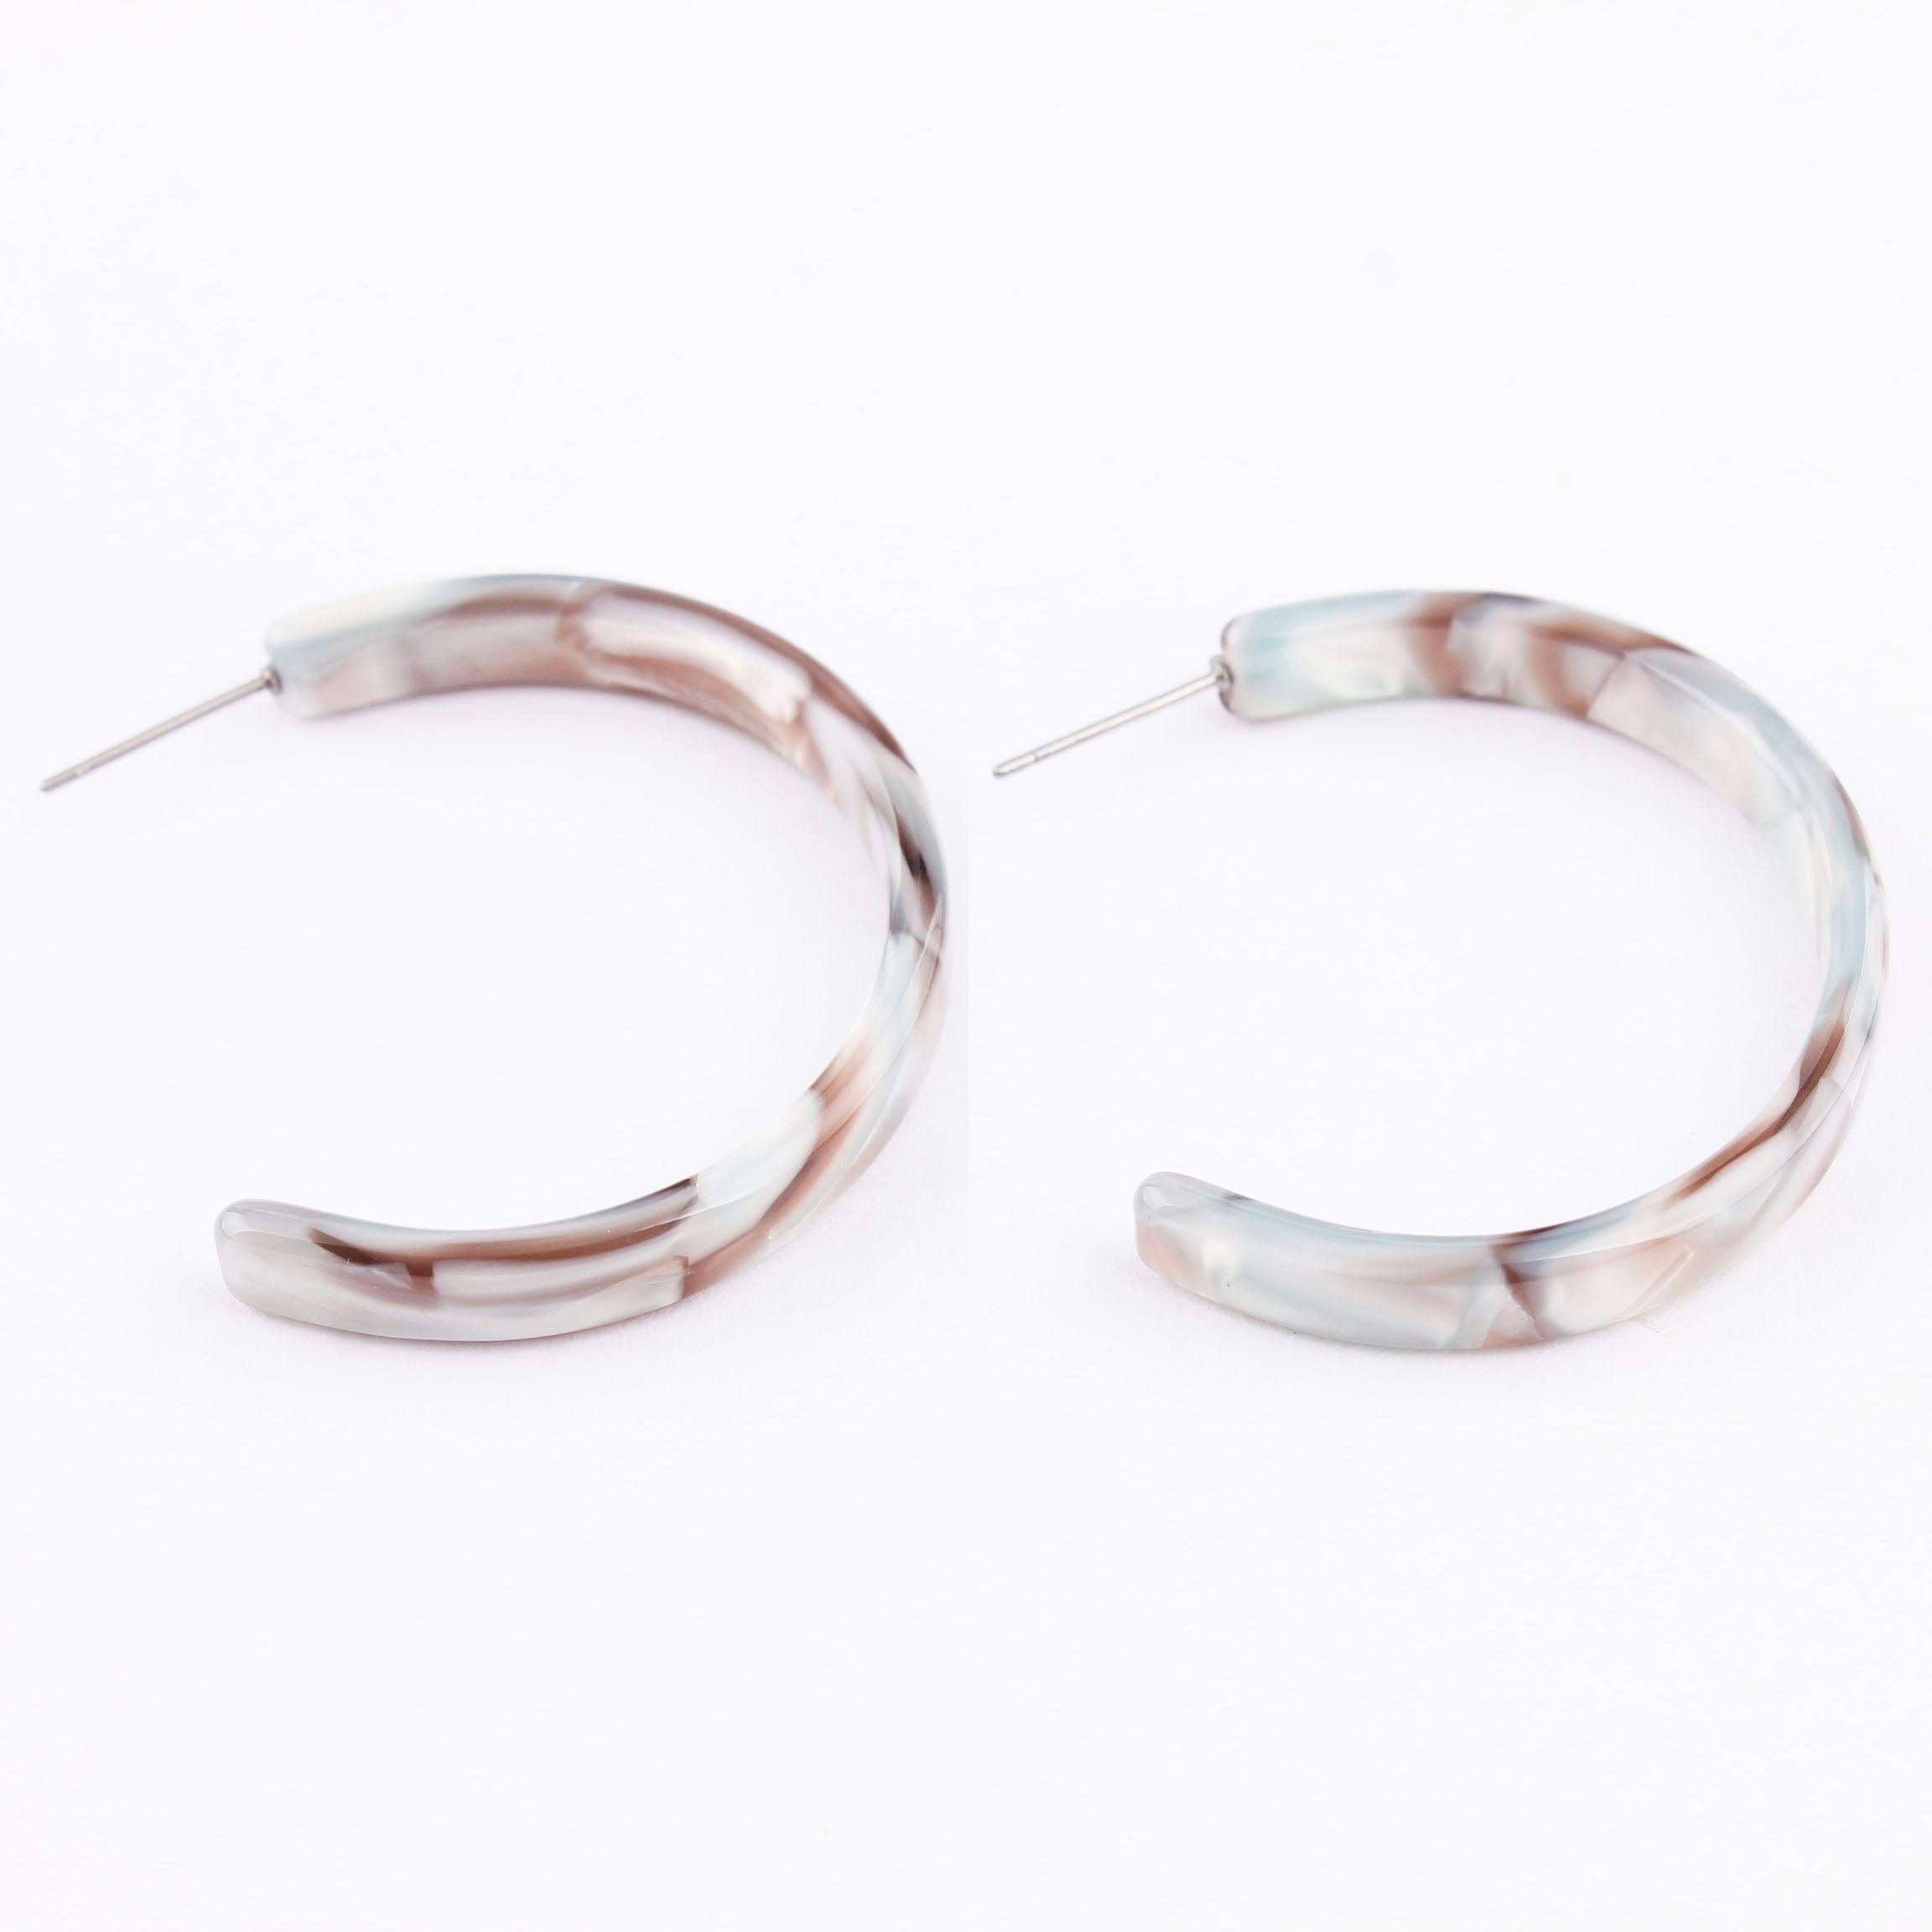 f4c118b320e Cheap Dangling Cross Hoop Earrings Wholesale Gold Heart Shaped Hoop Earrings